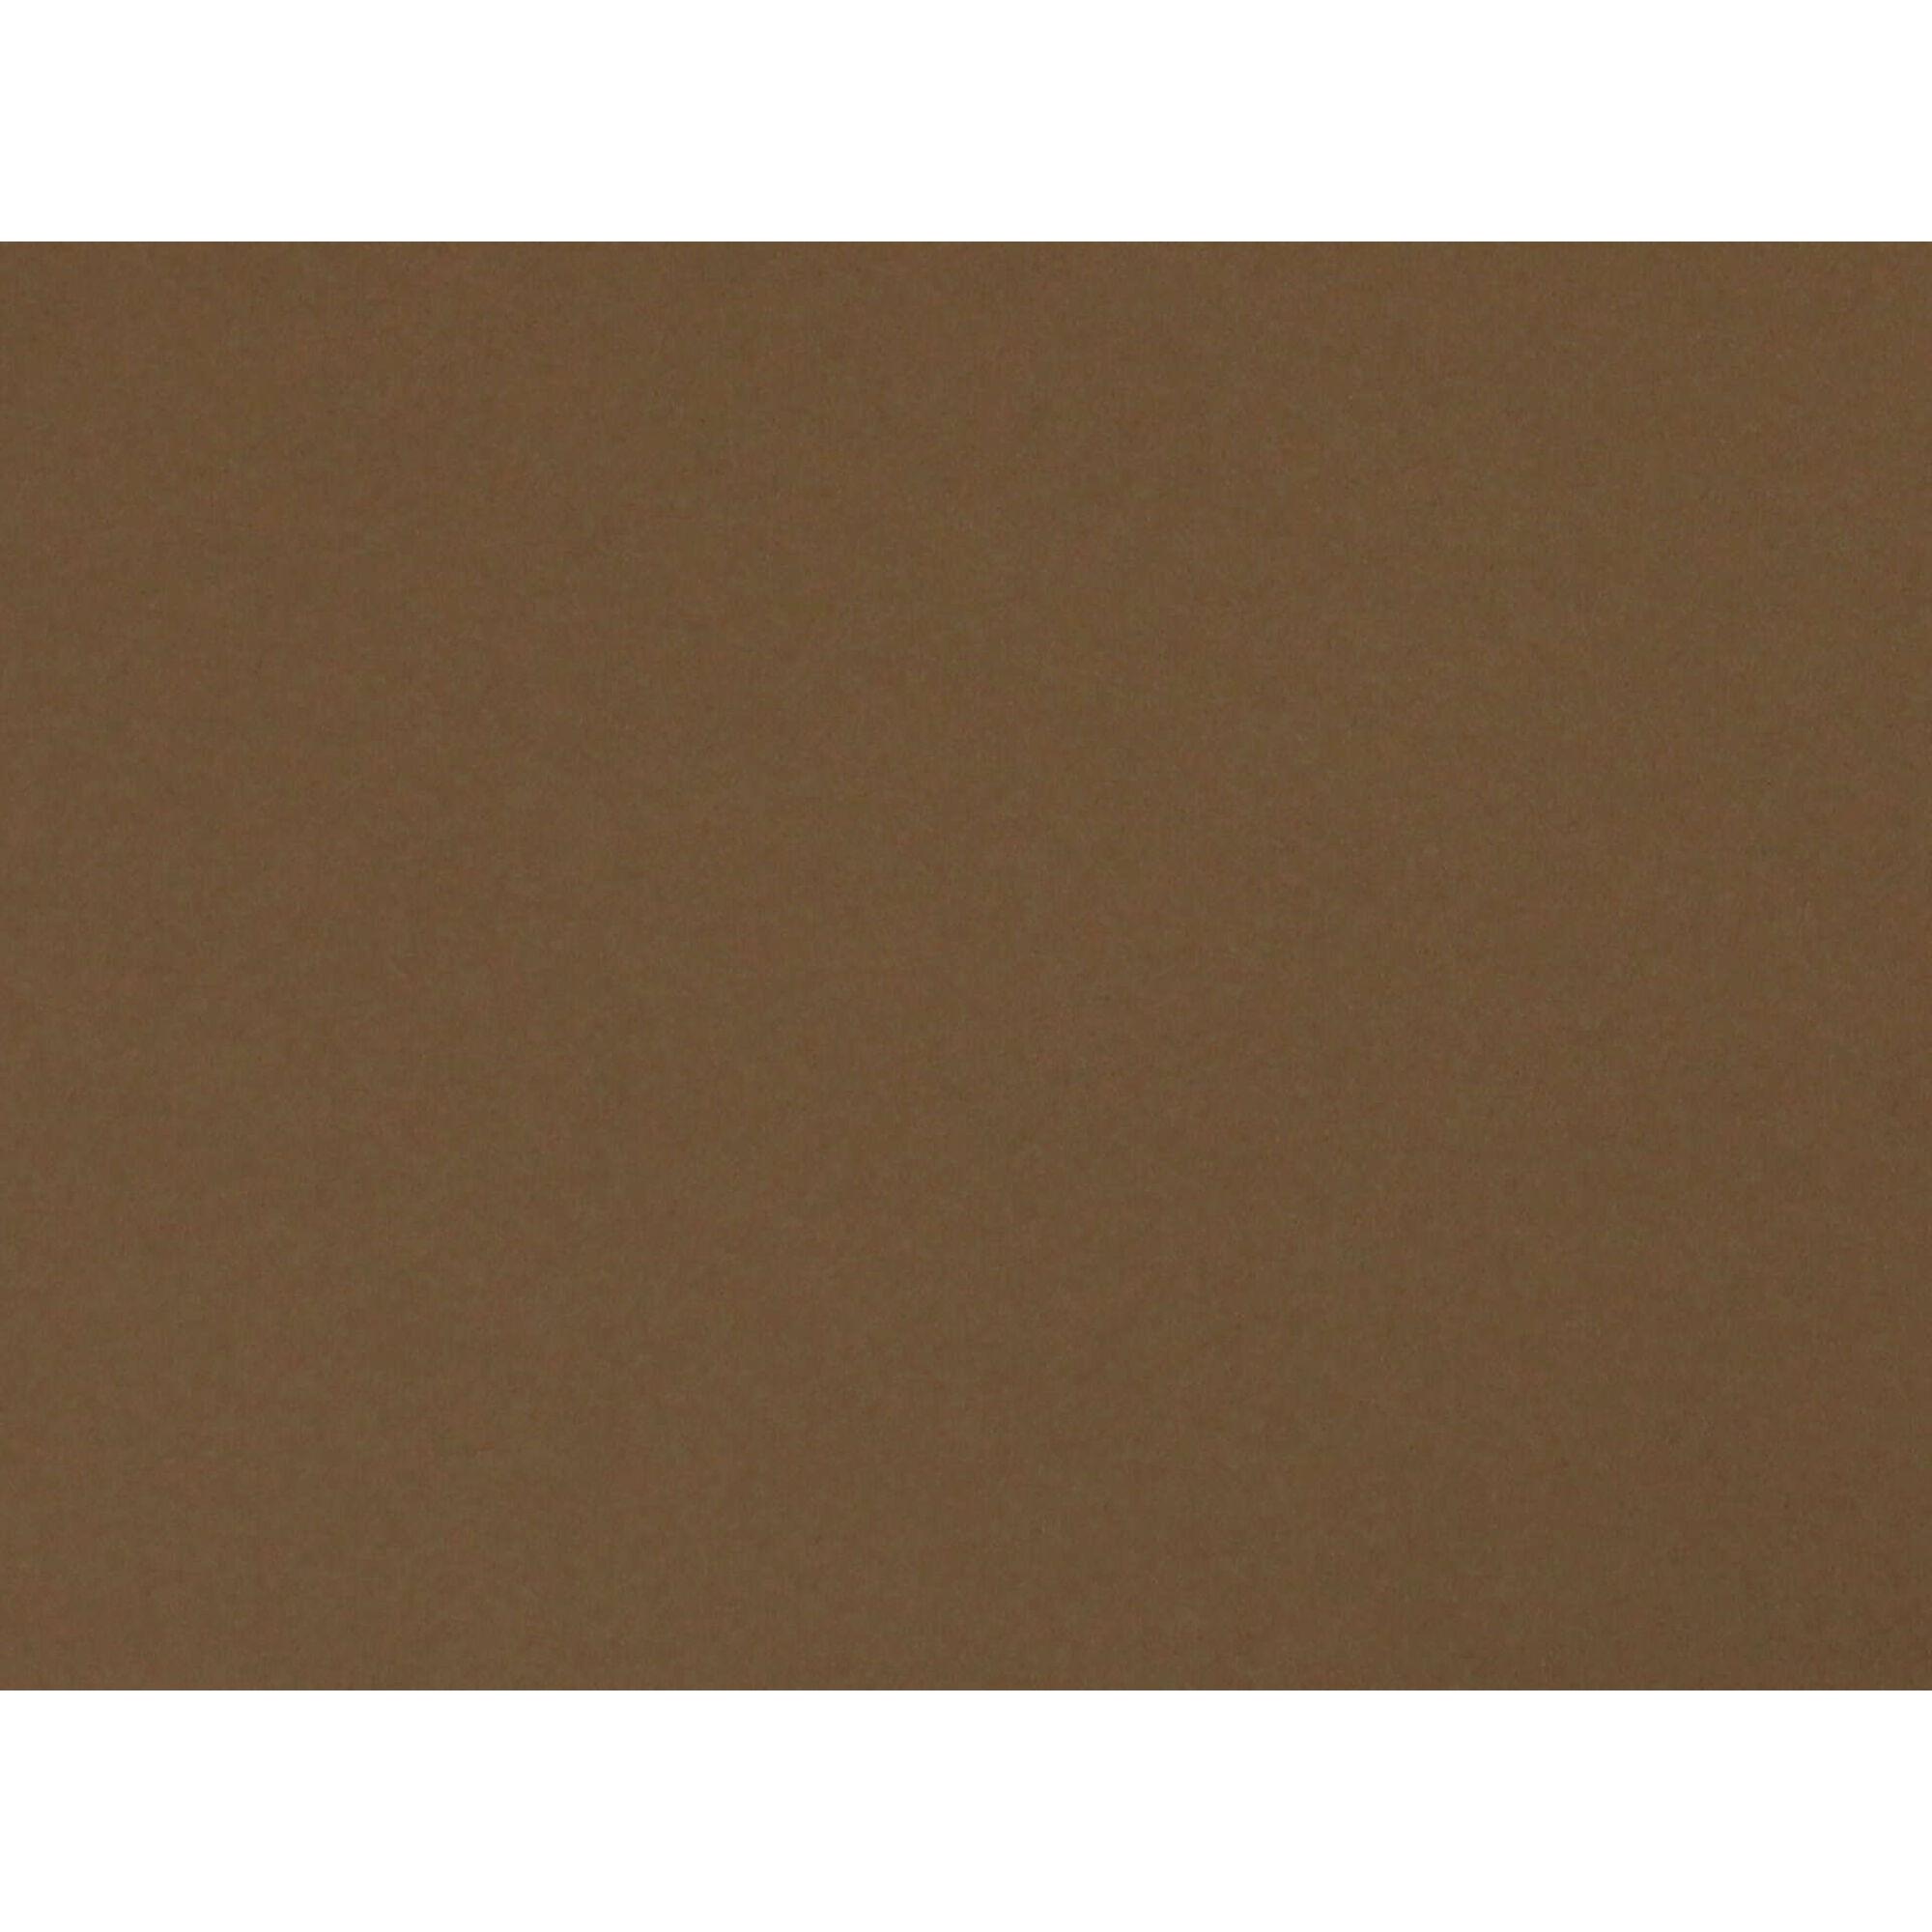 Cartolina Castanho 50x65cm